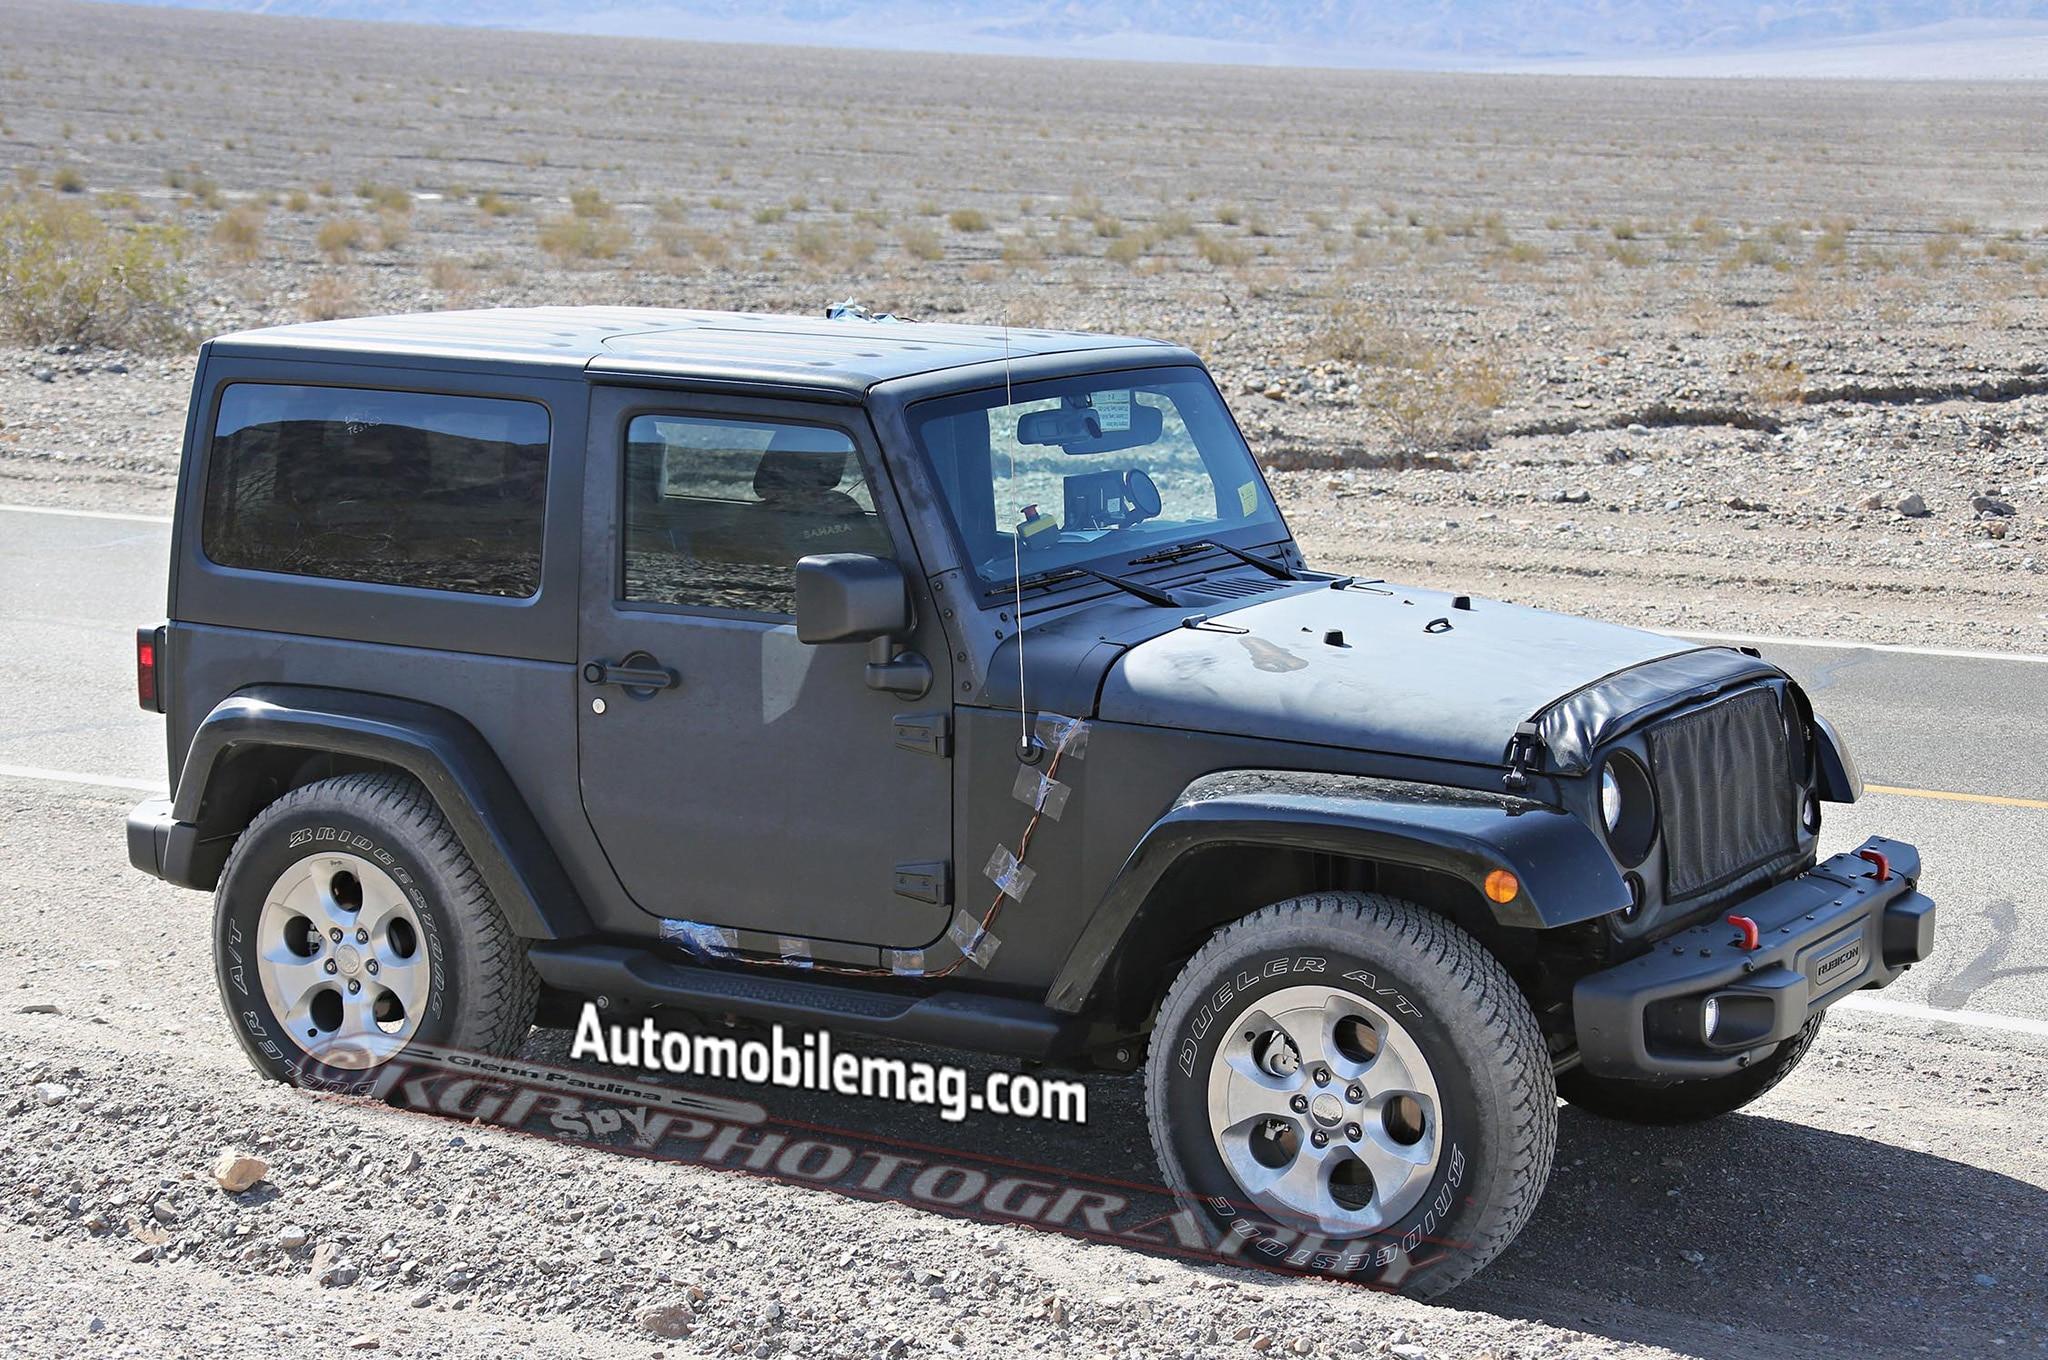 jeep wrangler 2015 2 door. while jeep wrangler 2015 2 door